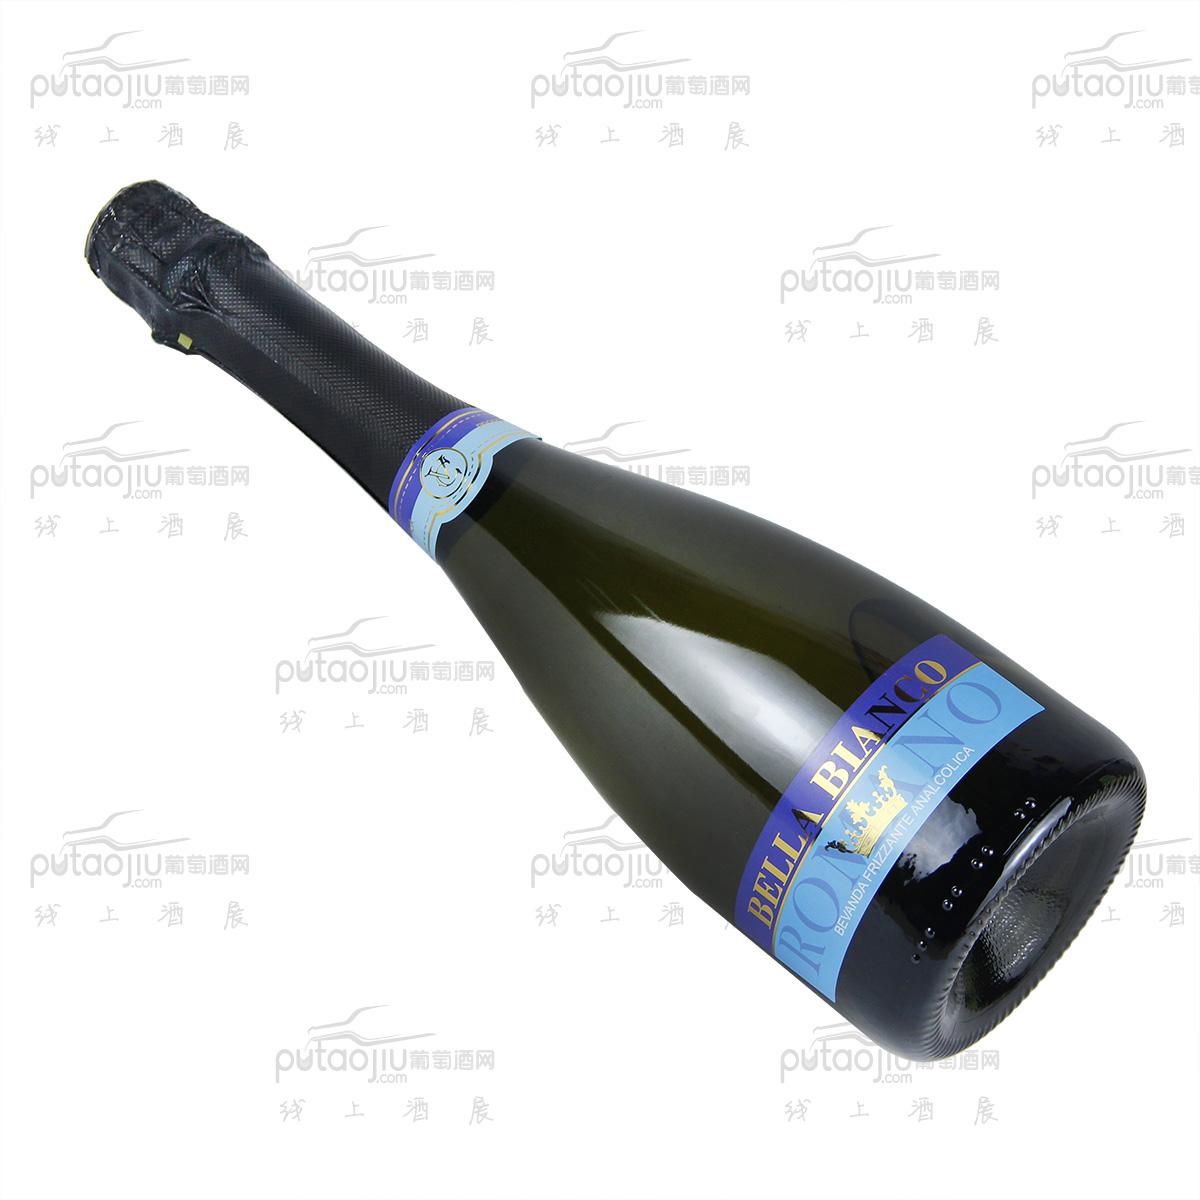 意大利艾米利亚万多酒庄大罗马莫斯卡托VDT起泡白葡萄汁饮料